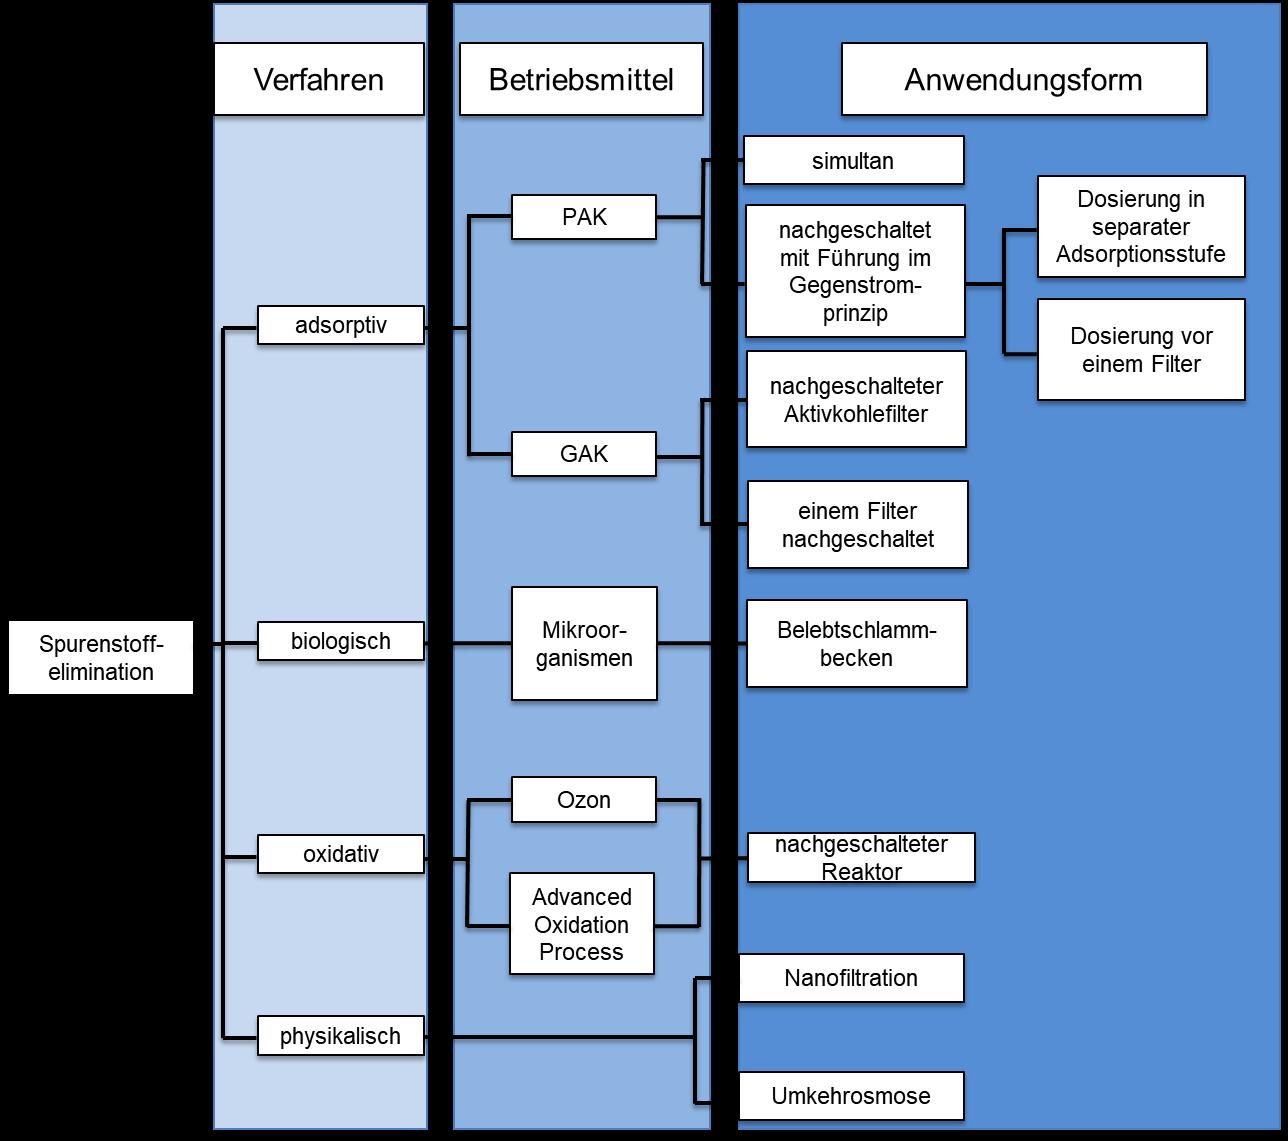 Übersicht über Möglichkeiten der Spurenstoffeliminierung aus Abwässern (modifiziert nach Kompetenzzentrum Spurenstoffe Baden-Württemberg, Deutschland)